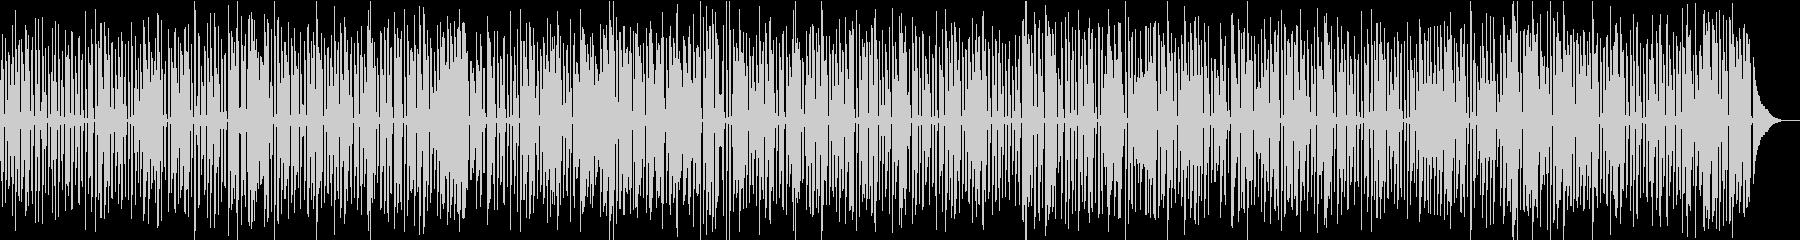 レトロなアニメに合う楽しいジャズピアノの未再生の波形